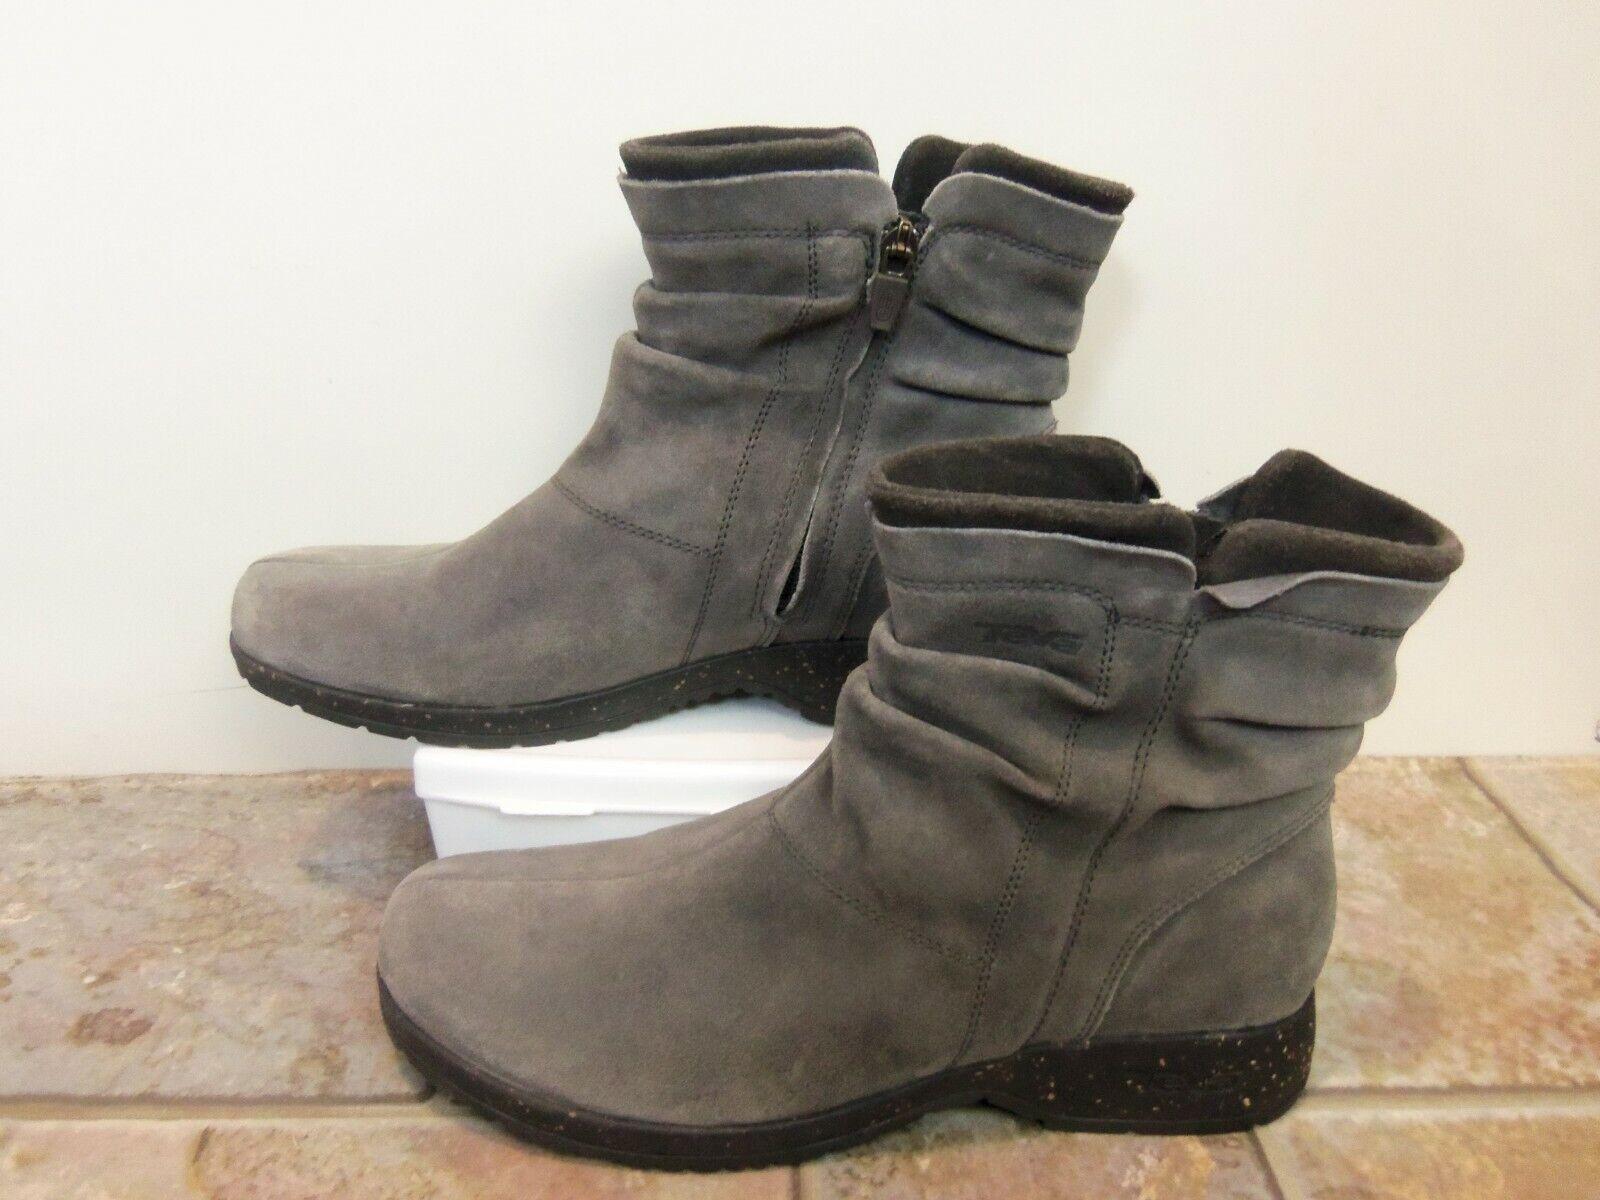 Teva Capistrano gris Mitad de Pantorrilla botas De Cuero De Gamuza 9.5 M Nuevo